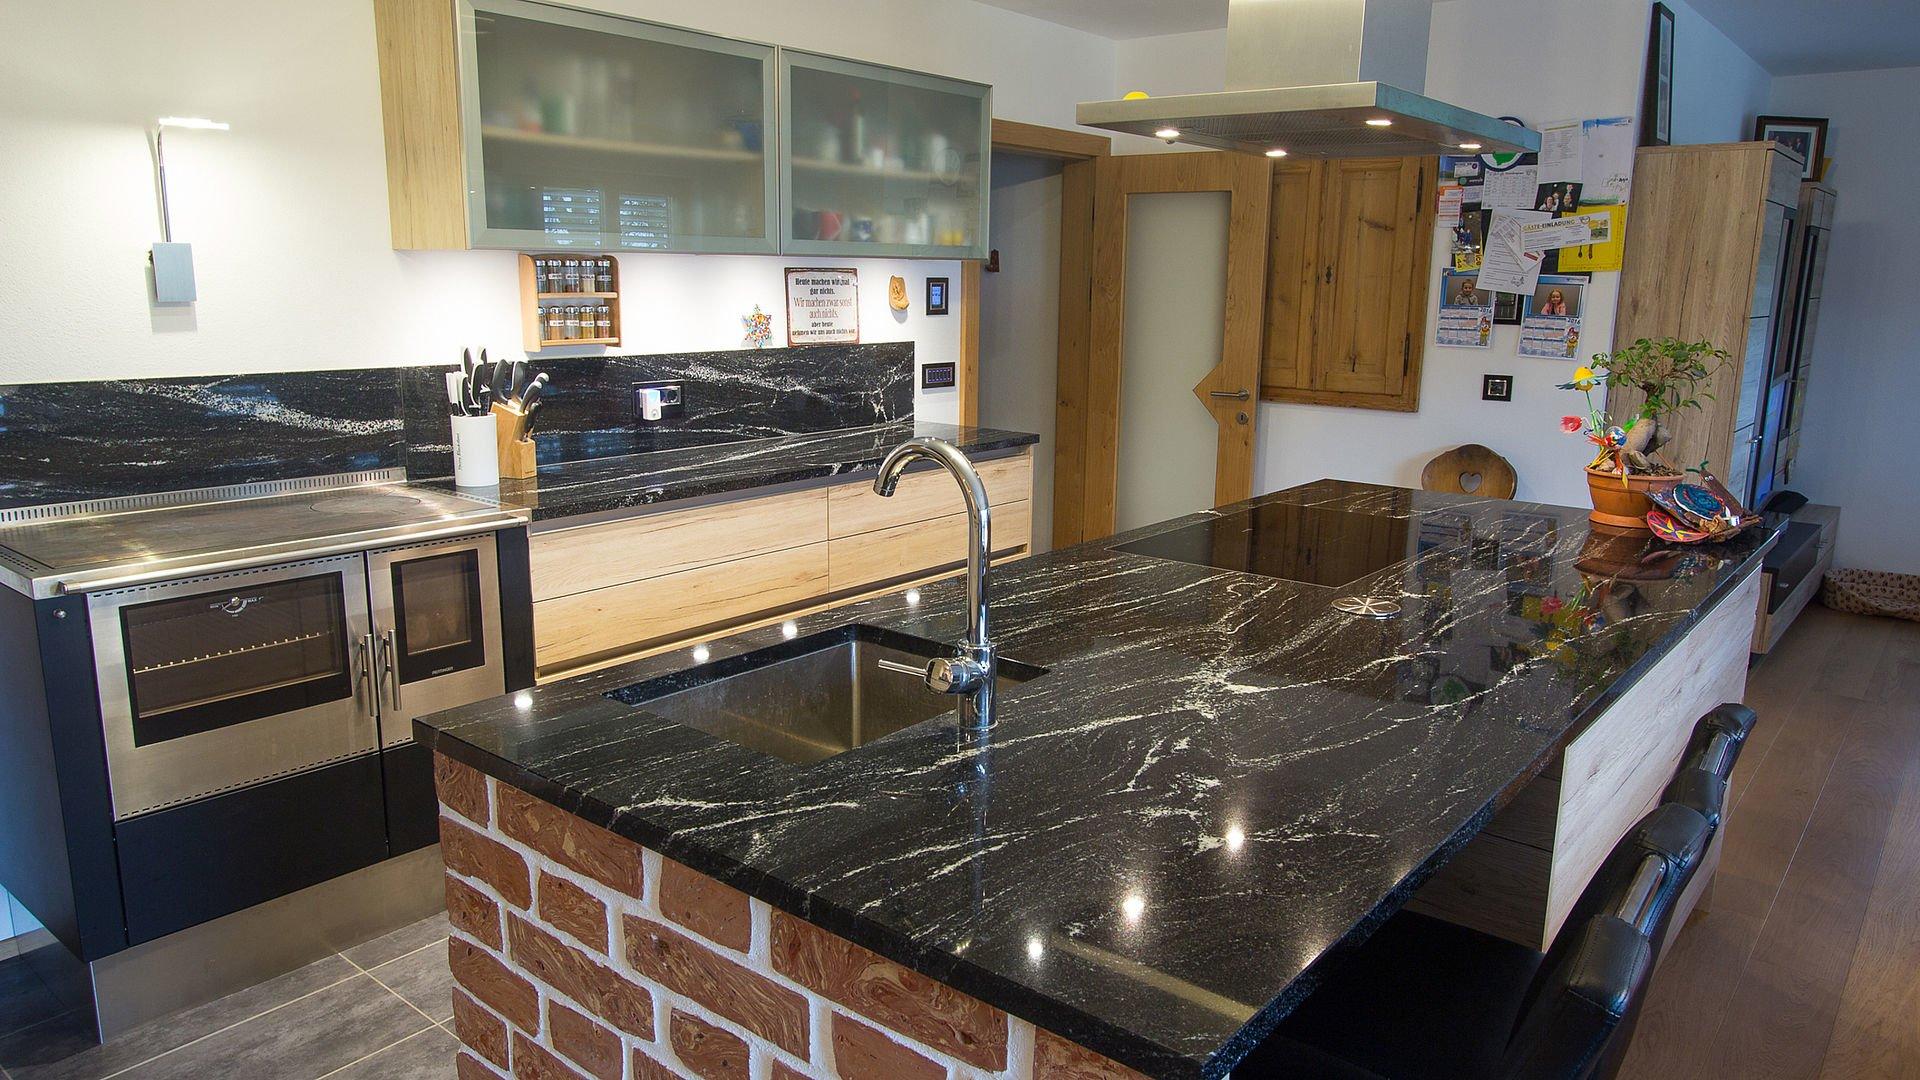 Full Size of Küche Arbeitsplatte Keramik Küche Arbeitsplatte Anthrazit Küche Arbeitsplatte Schiefer Küche Arbeitsplatte Einbauen Lassen Küche Küche Arbeitsplatte